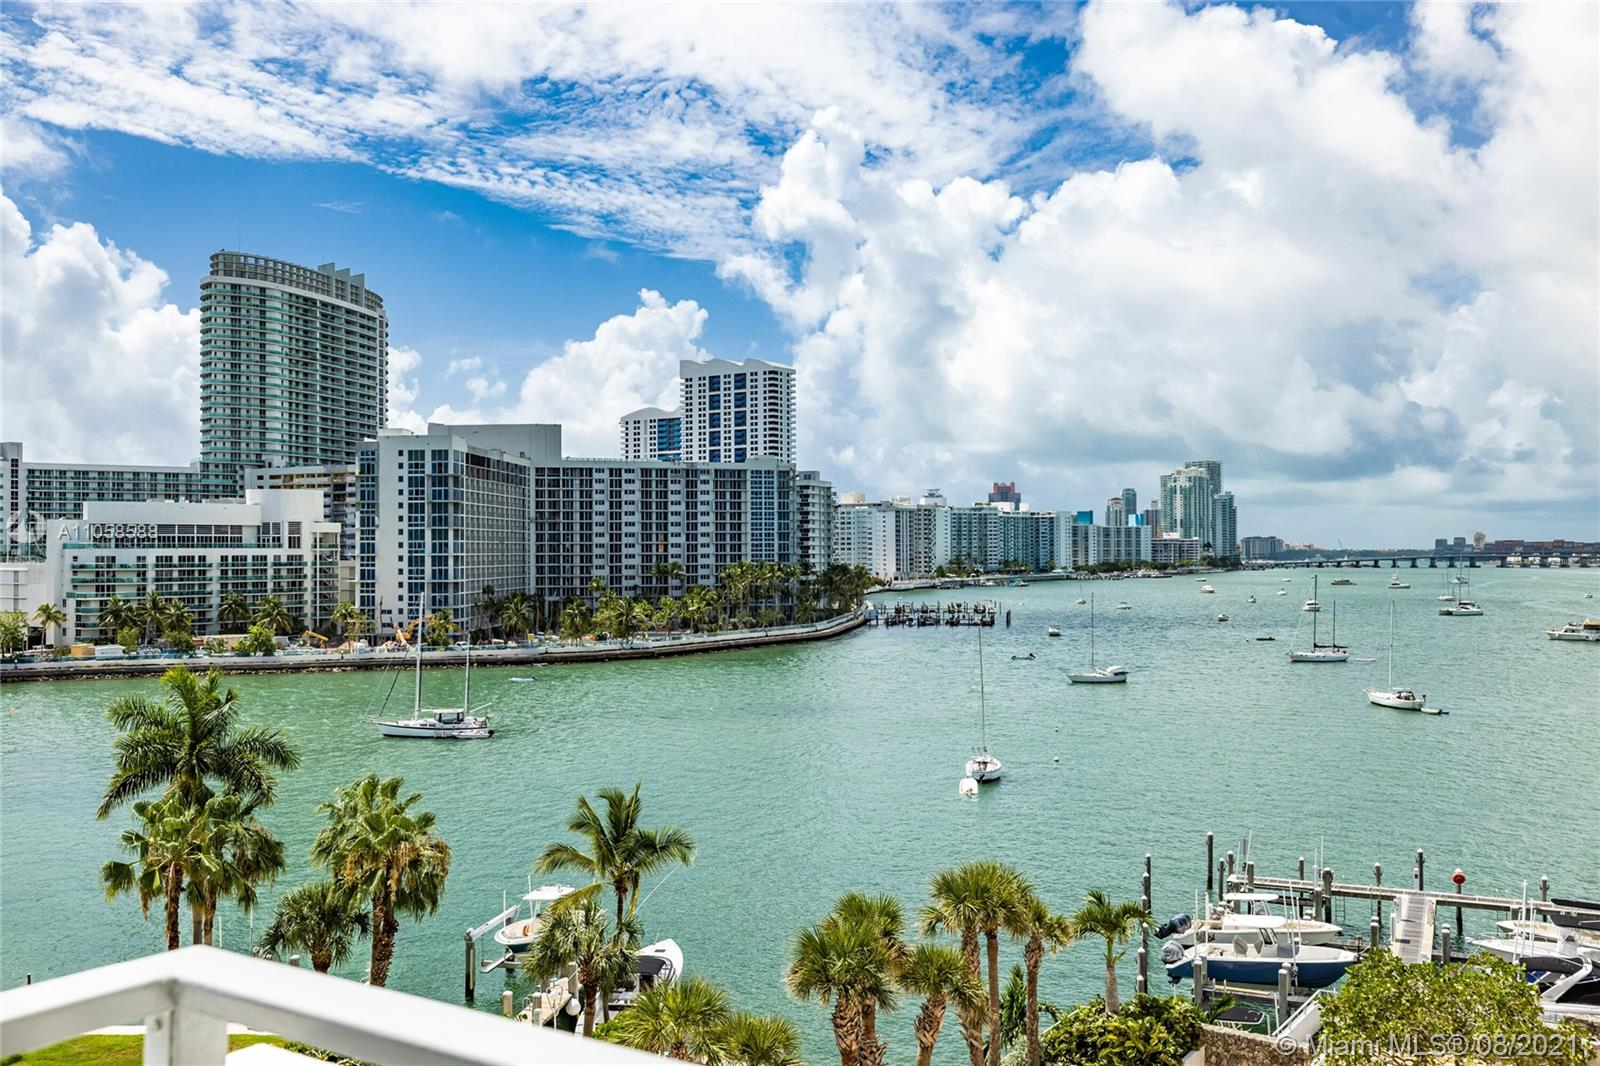 Costa Brava #704 - 11 Island Ave #704, Miami Beach, FL 33139